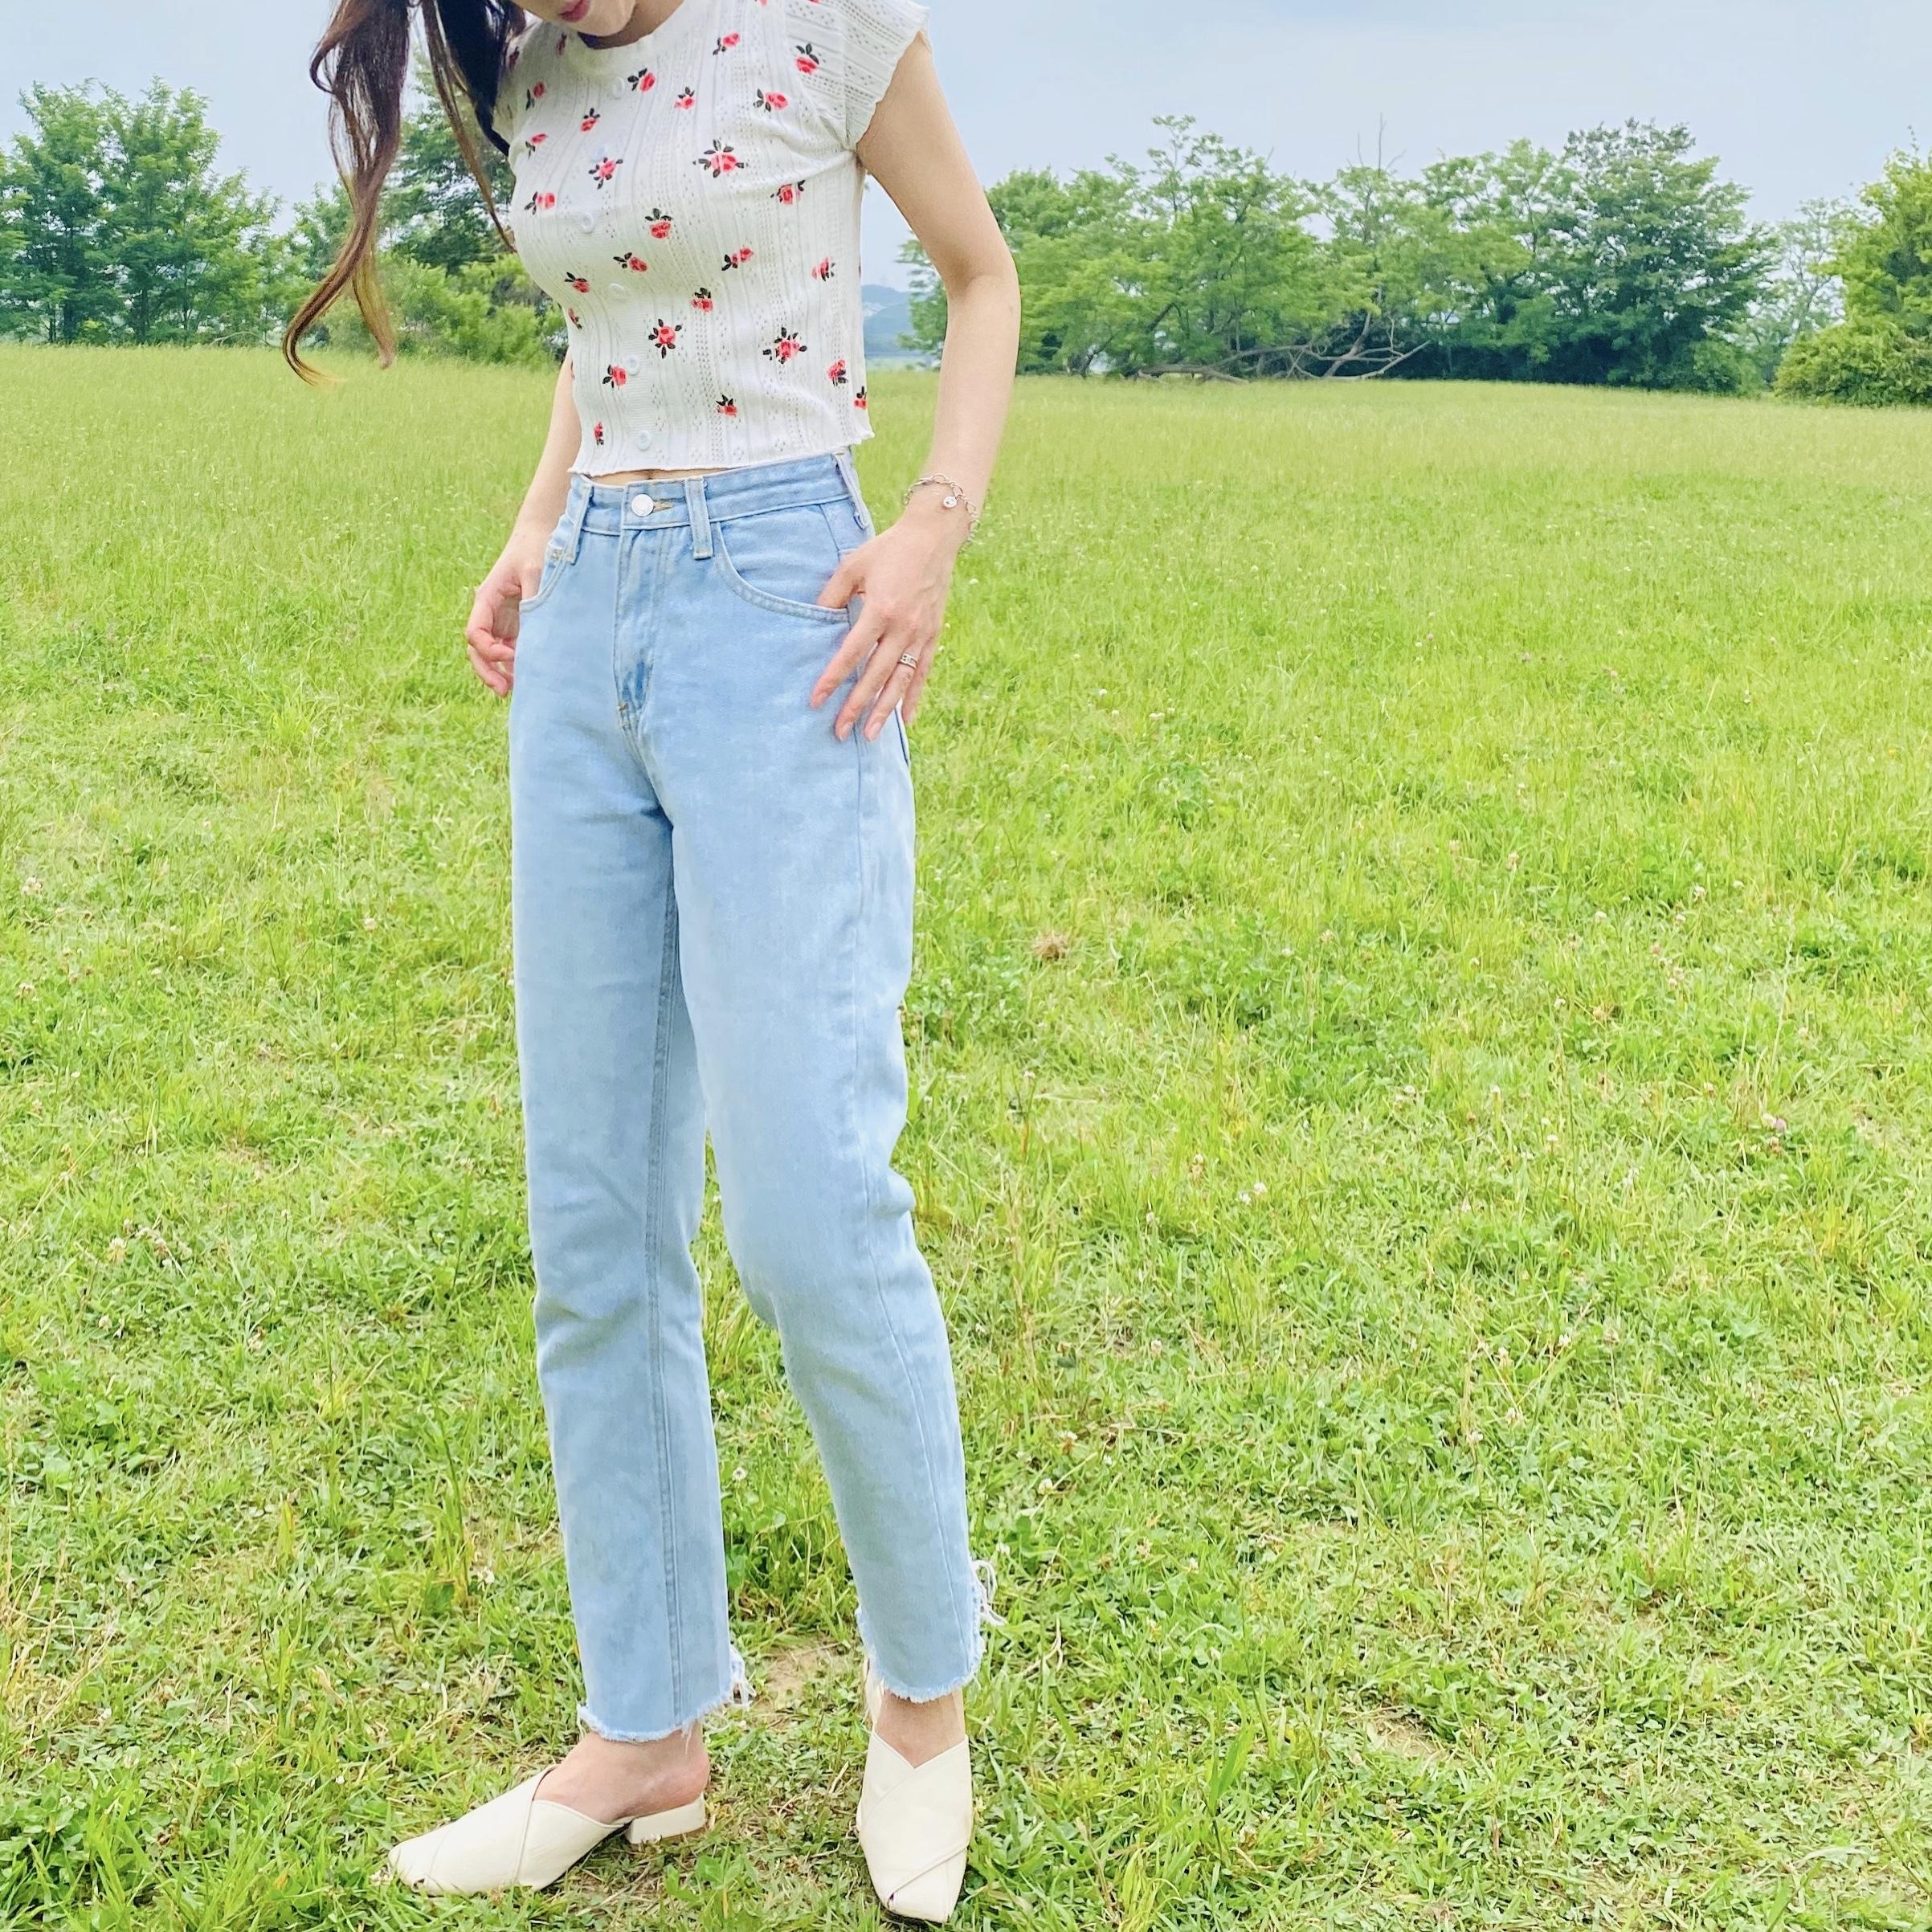 憧れの韓国アイドルに近づける♡ 暑い夏にピッタリのアイテム!